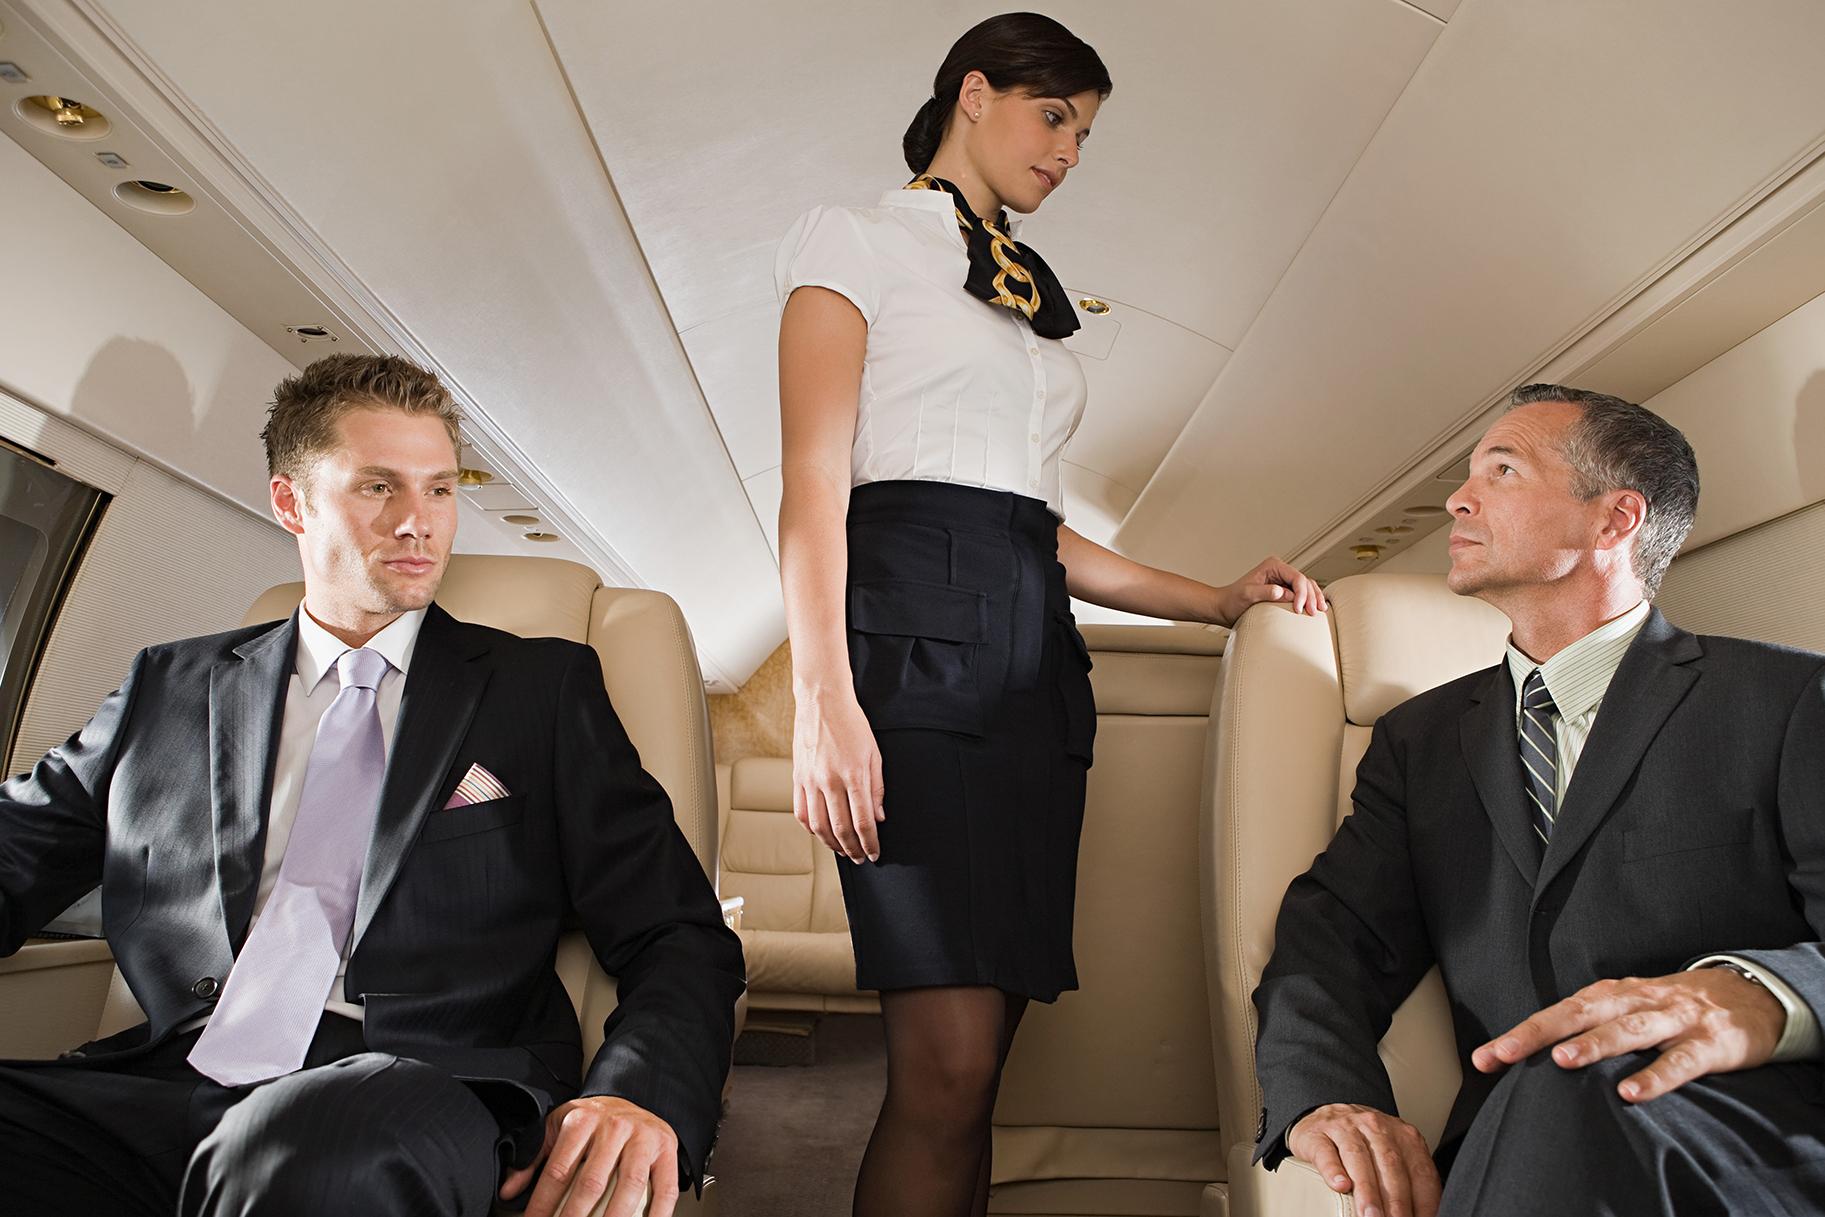 seks-styuardessi-s-passazhirom-foto-ogromniy-rezinoviy-fallos-smotret-onlayn